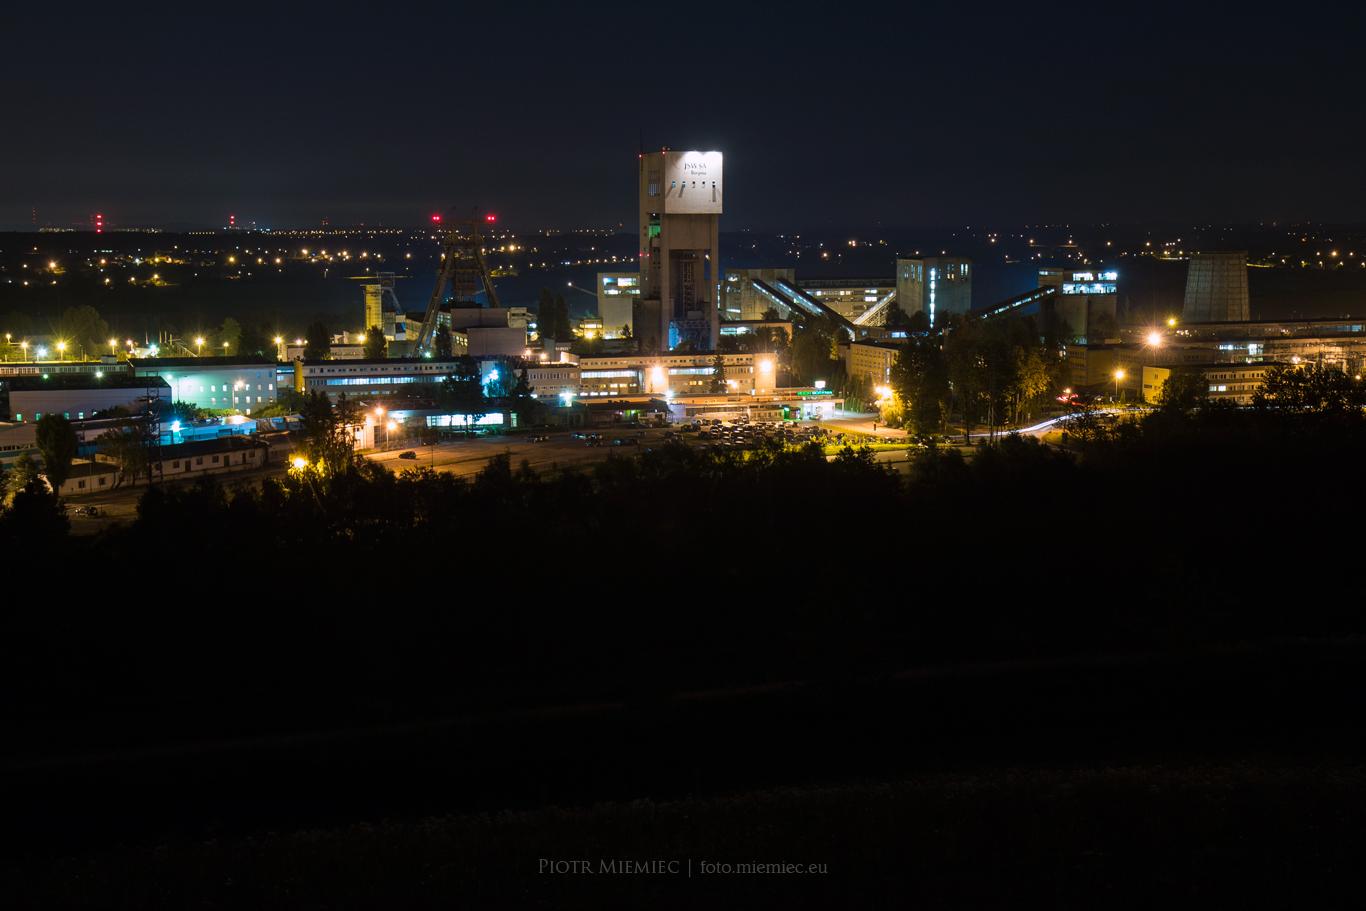 Widok kopalni późnym wieczorem